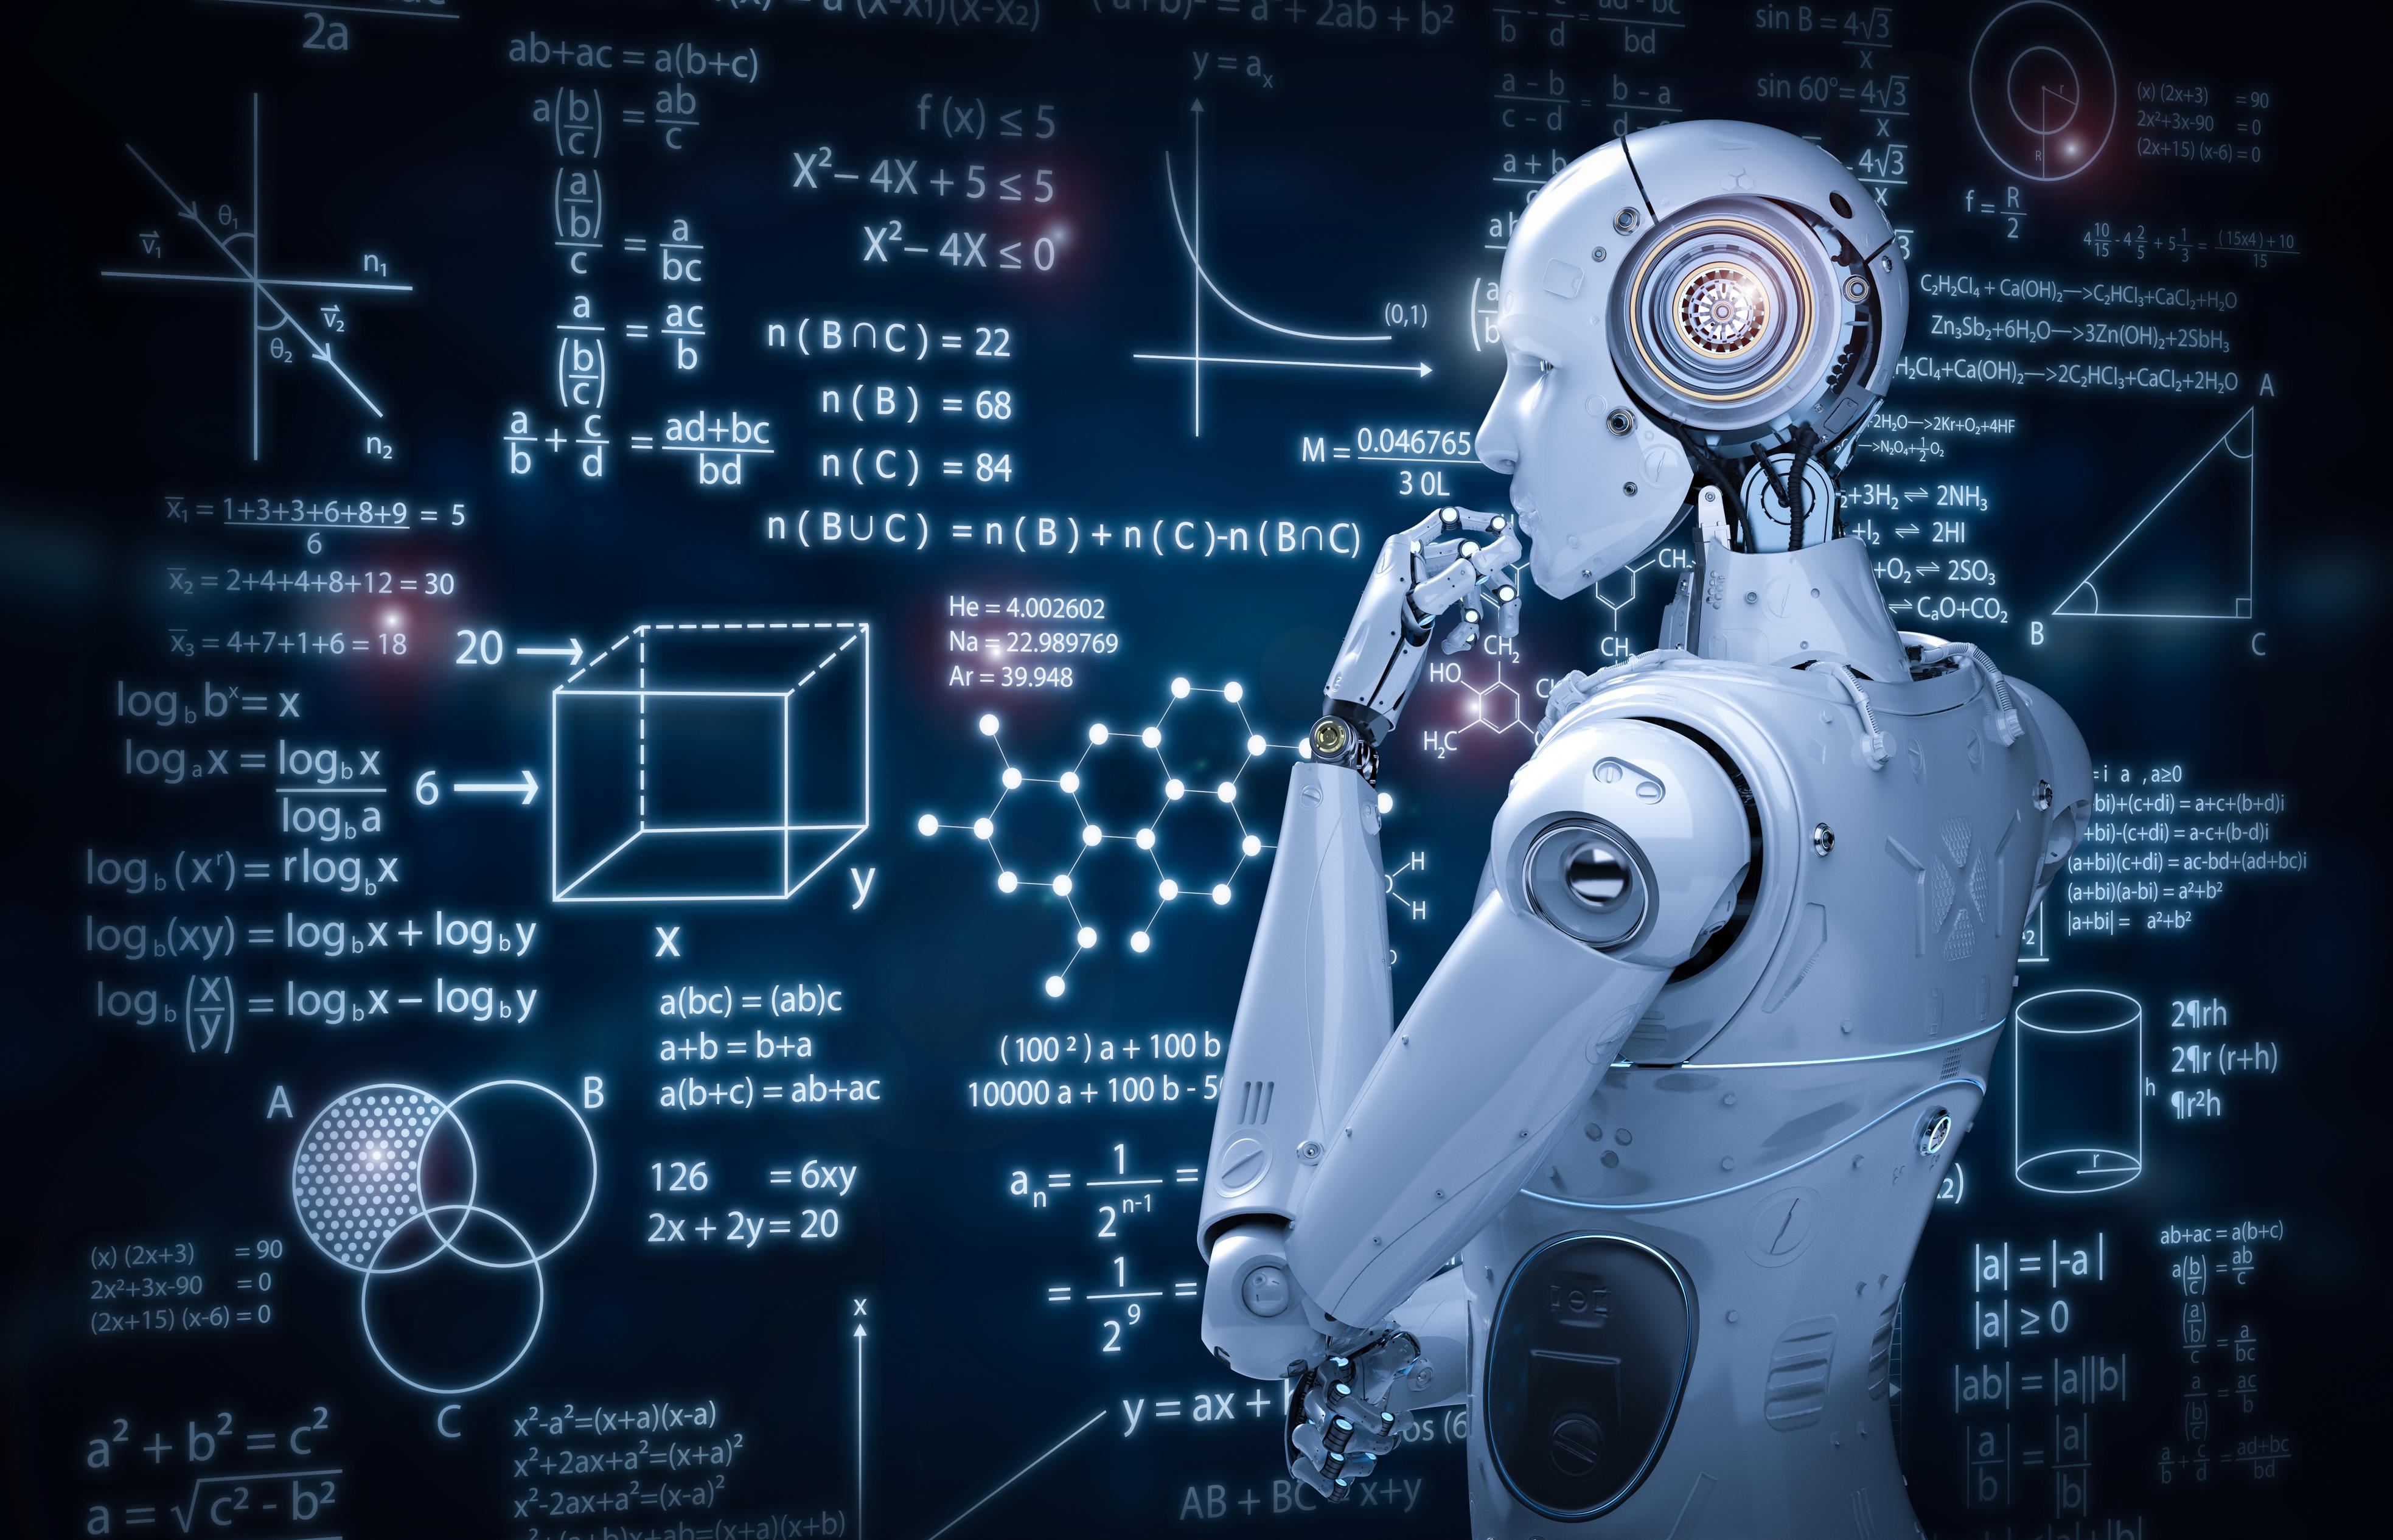 AI și machine learning pot duce operațiunile companiilor la viteze incredibile